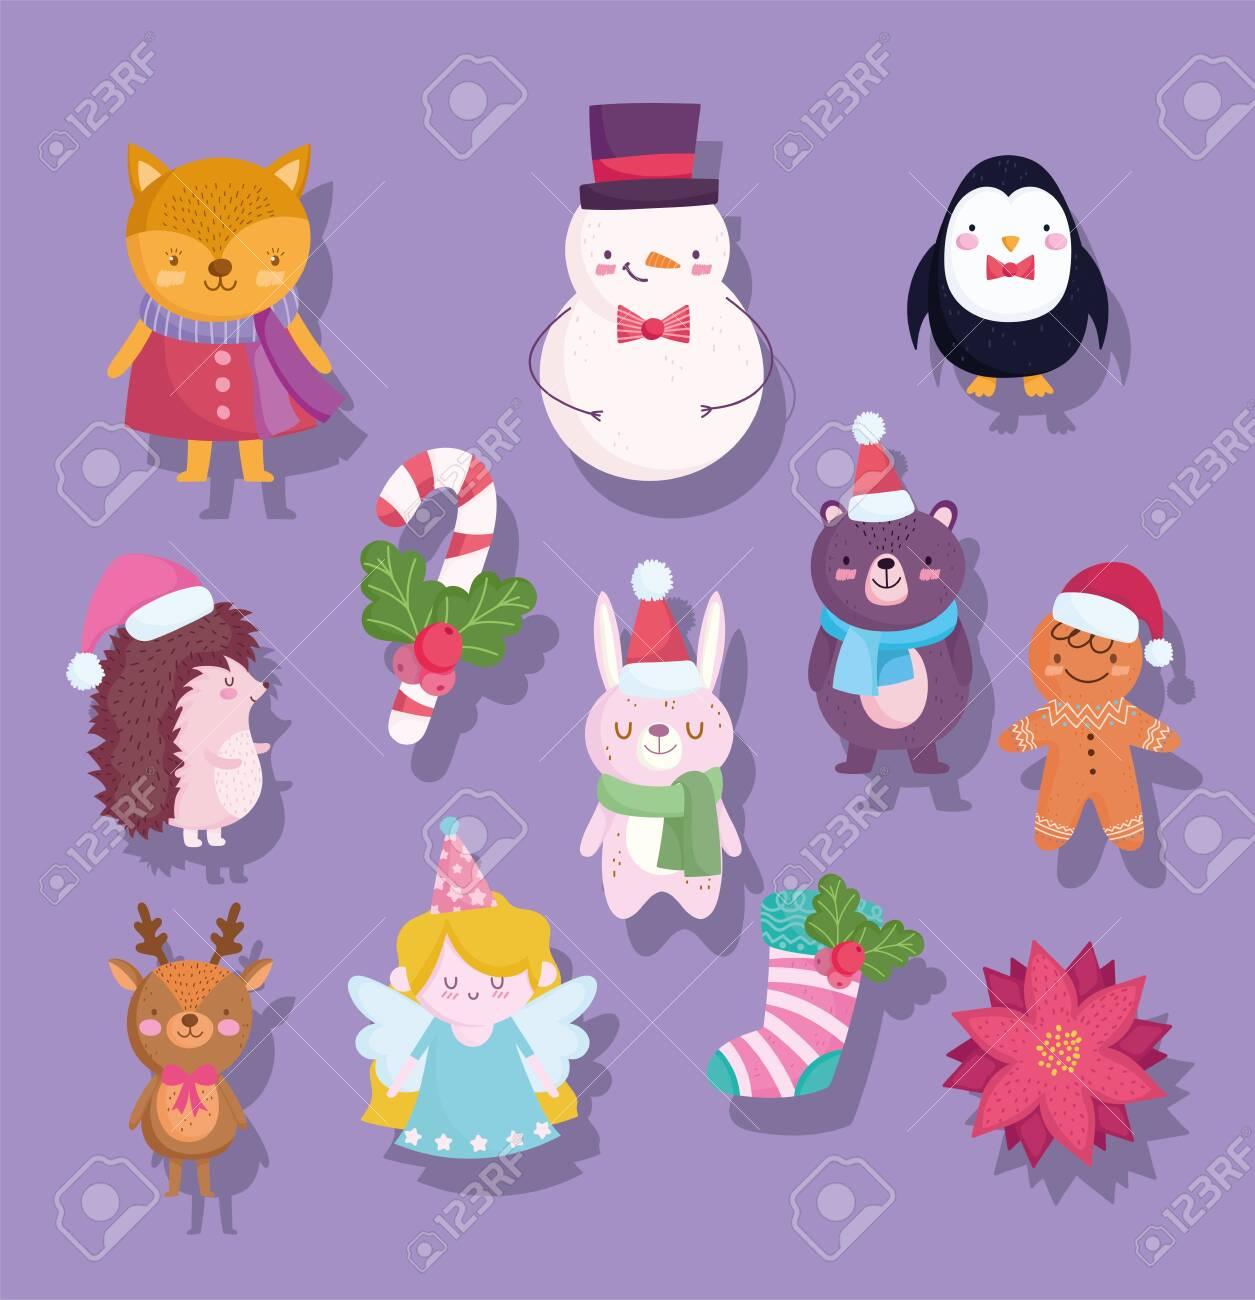 merry christmas, cute snowman bear penguin deer bunny fox flower sock cartoon icons vector illustration - 157964988